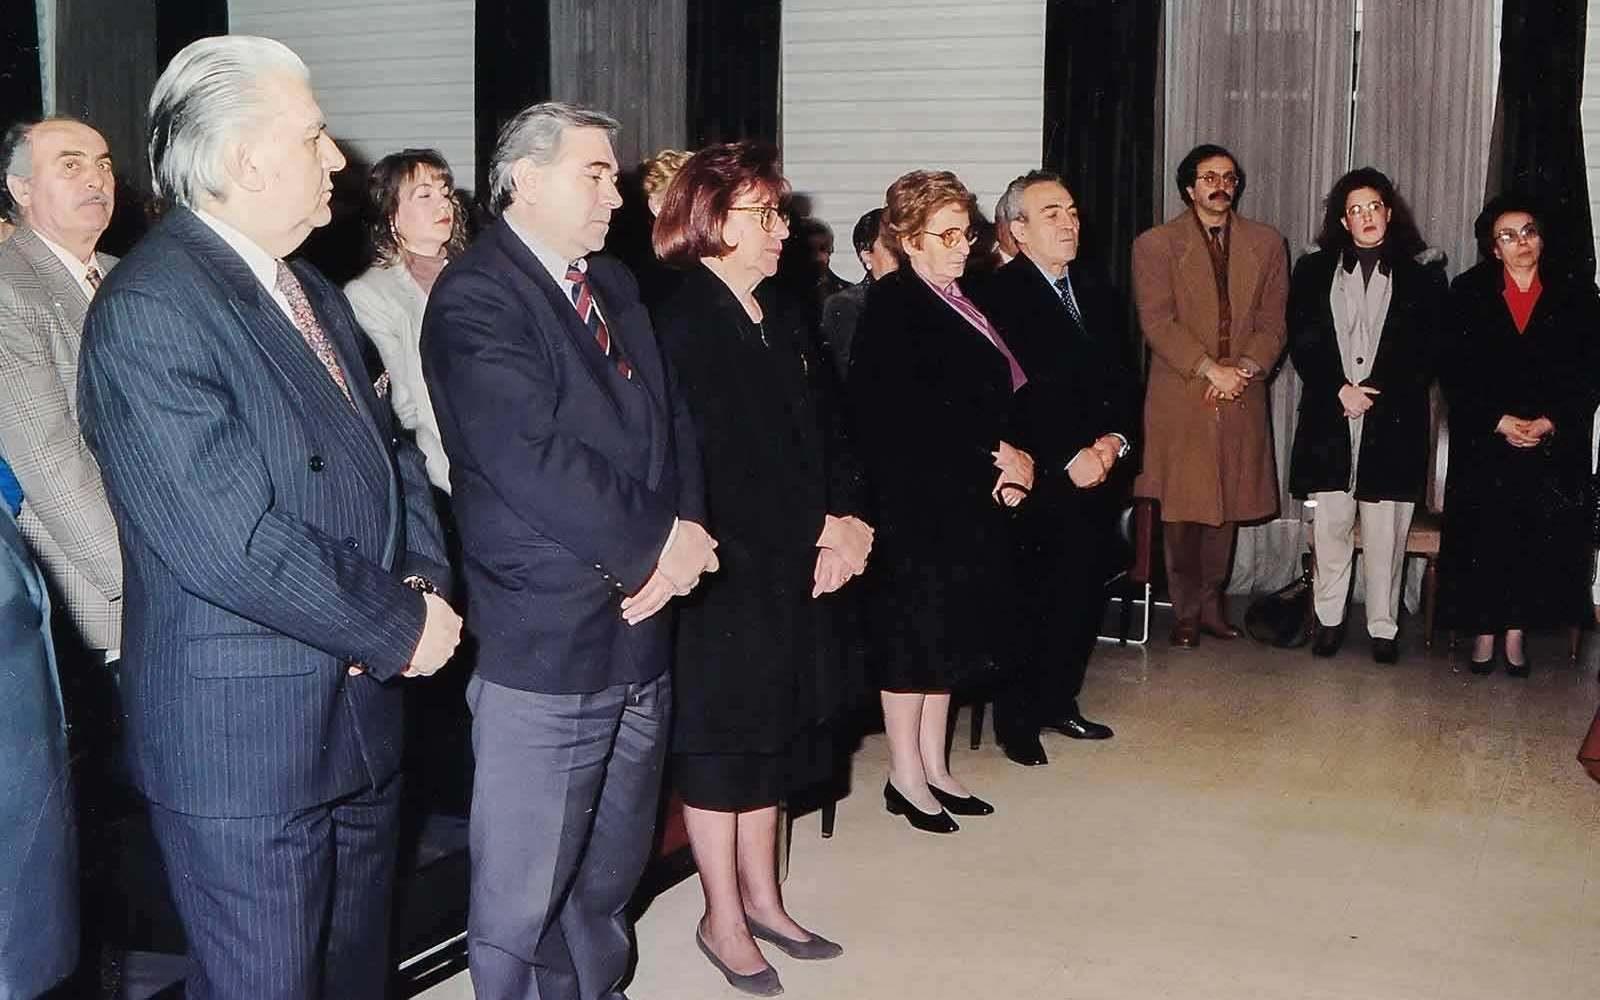 vasilis-mpekiris-nikos-karakitsos-aleka-vakaloglou-maria-massara-enosi-gynaikon-patras-koula-rogdaki-proedros-egypa